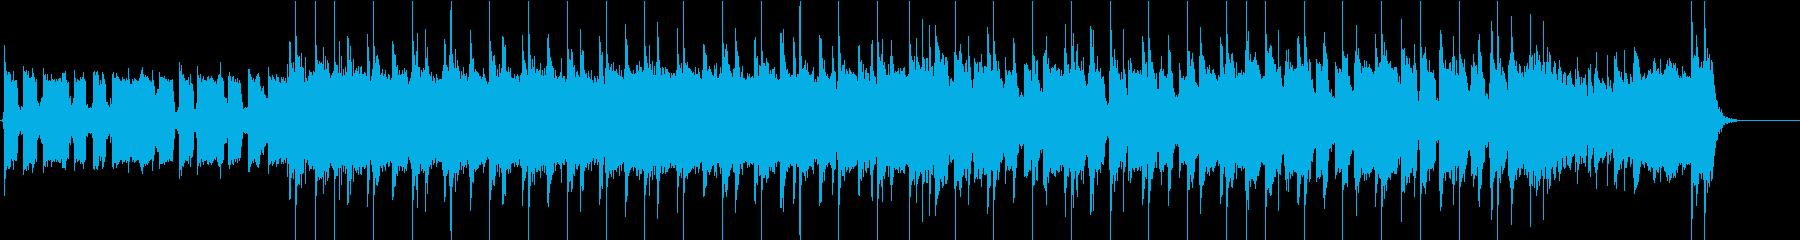 ロックンロールな30秒ジングル2の再生済みの波形